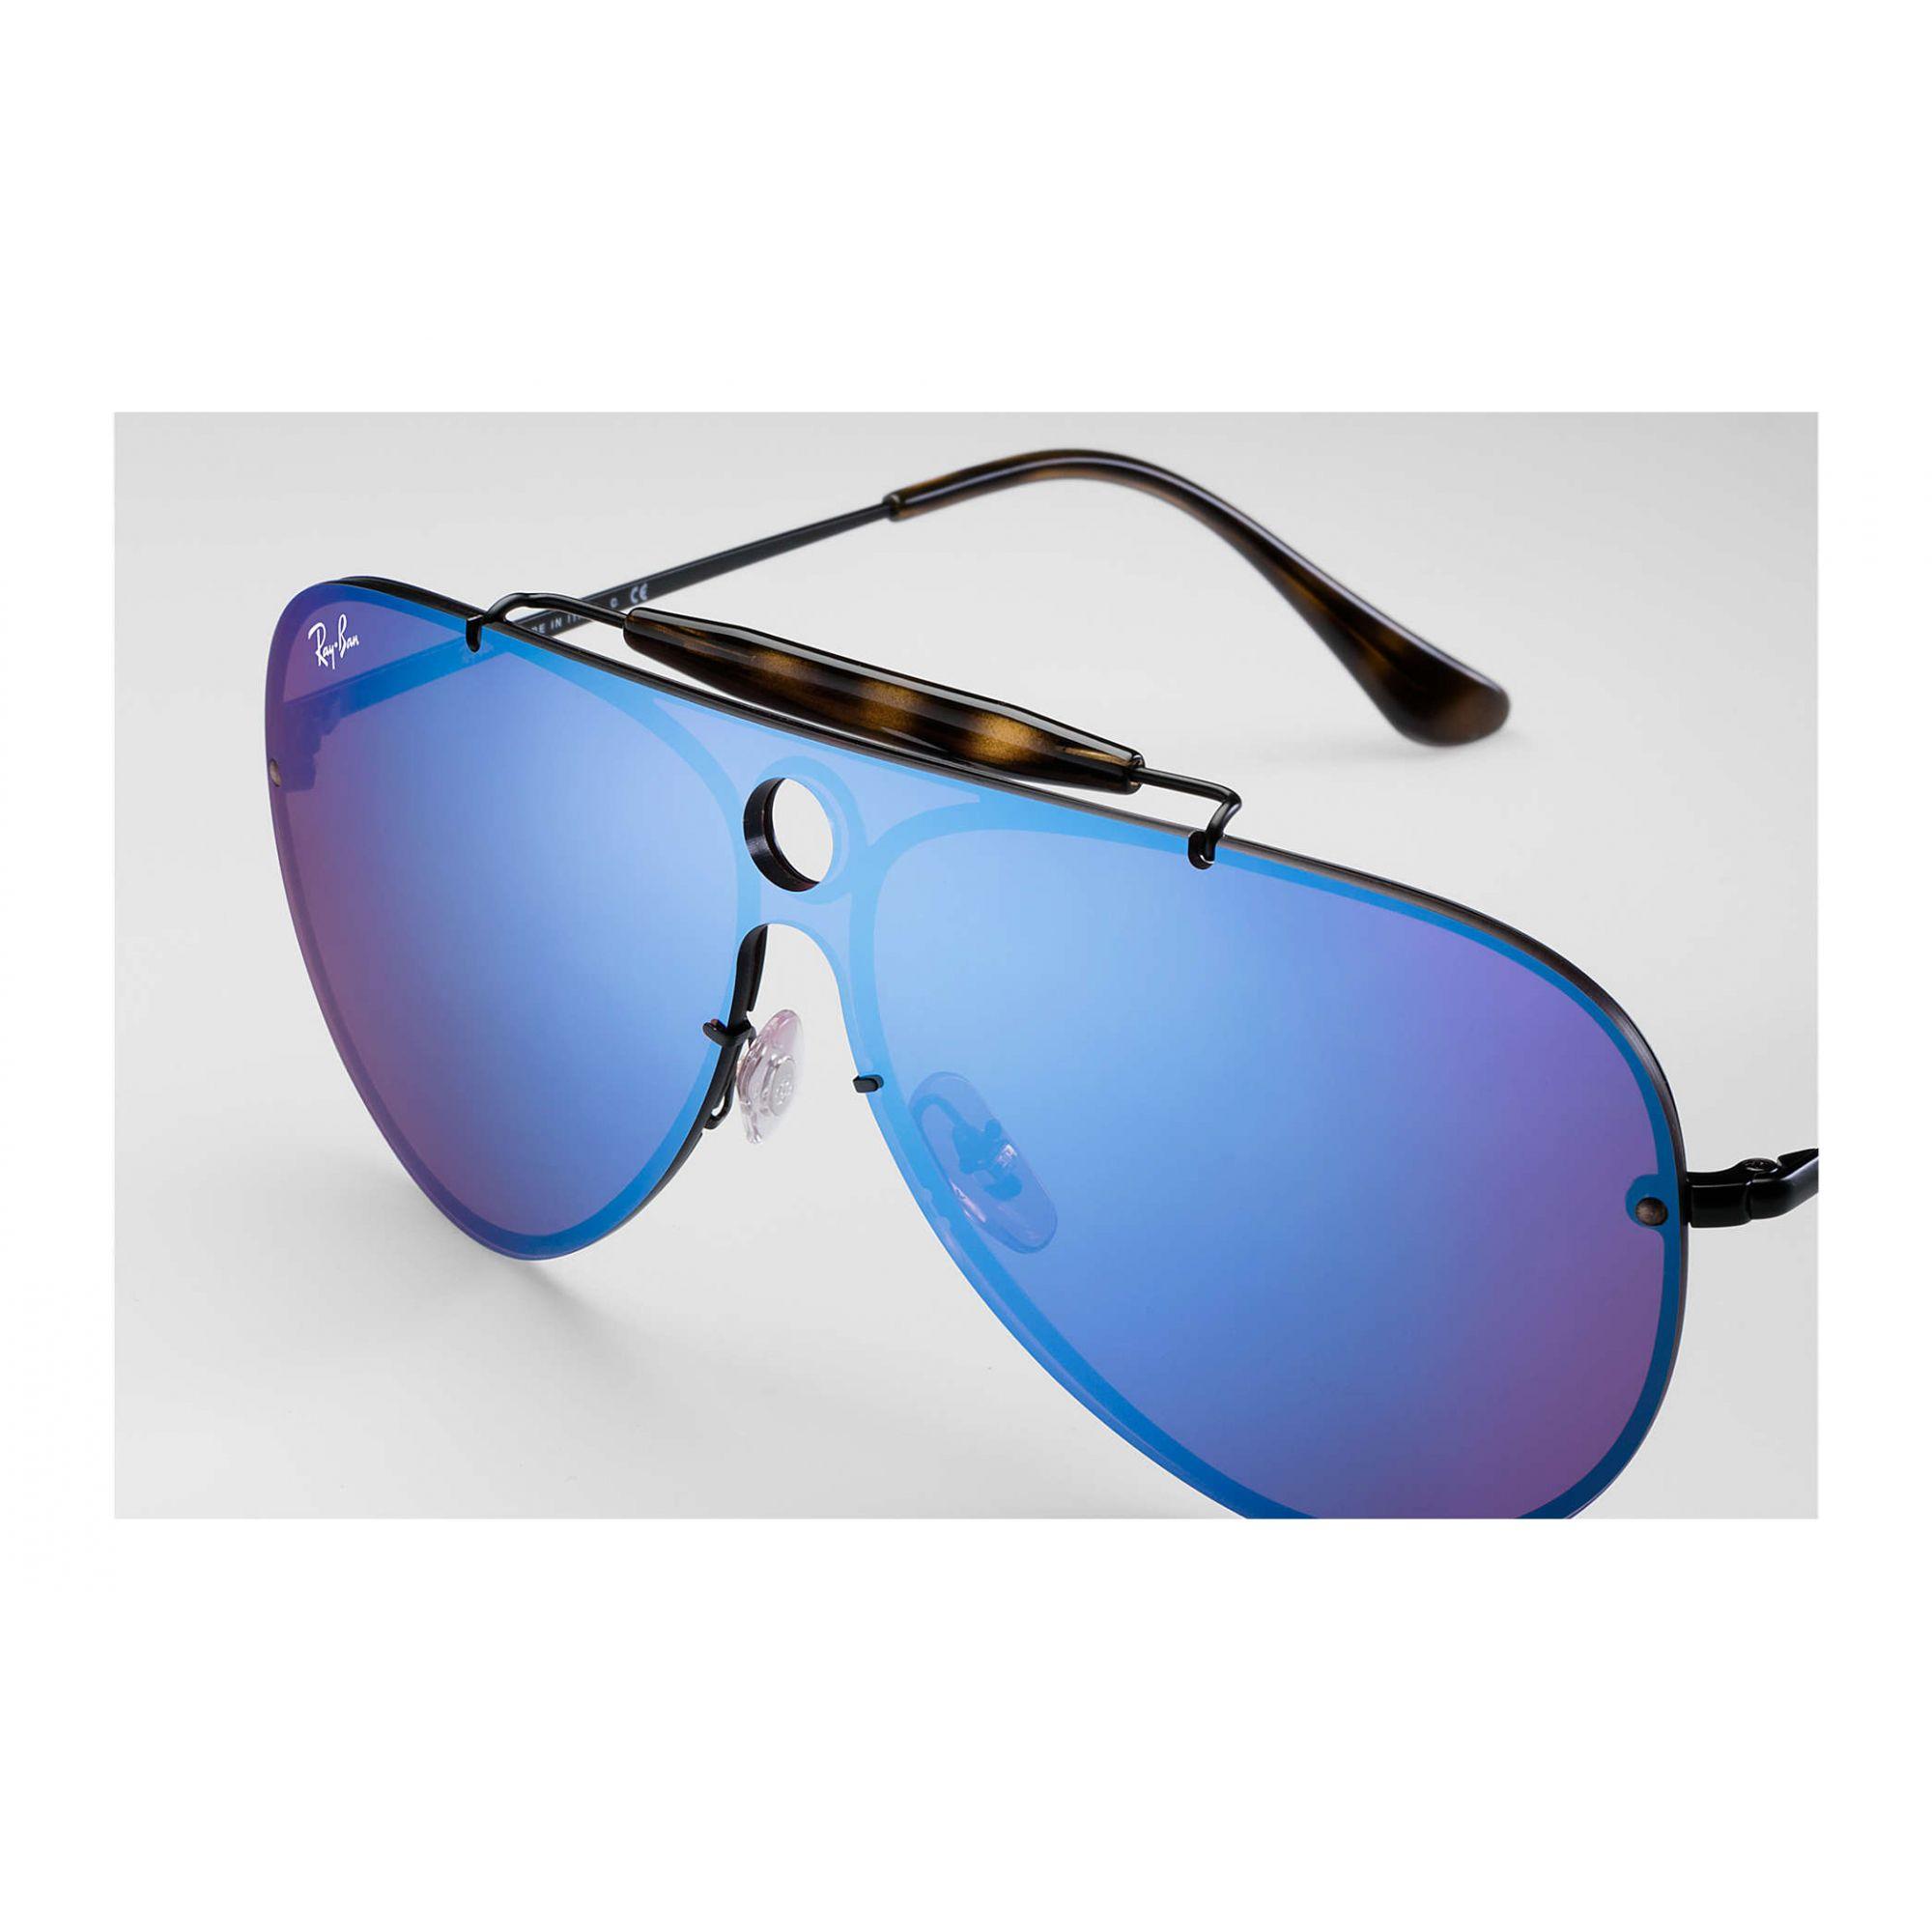 Óculos de Sol Unissex Ray-Ban Blaze Shooter Azul Violeta